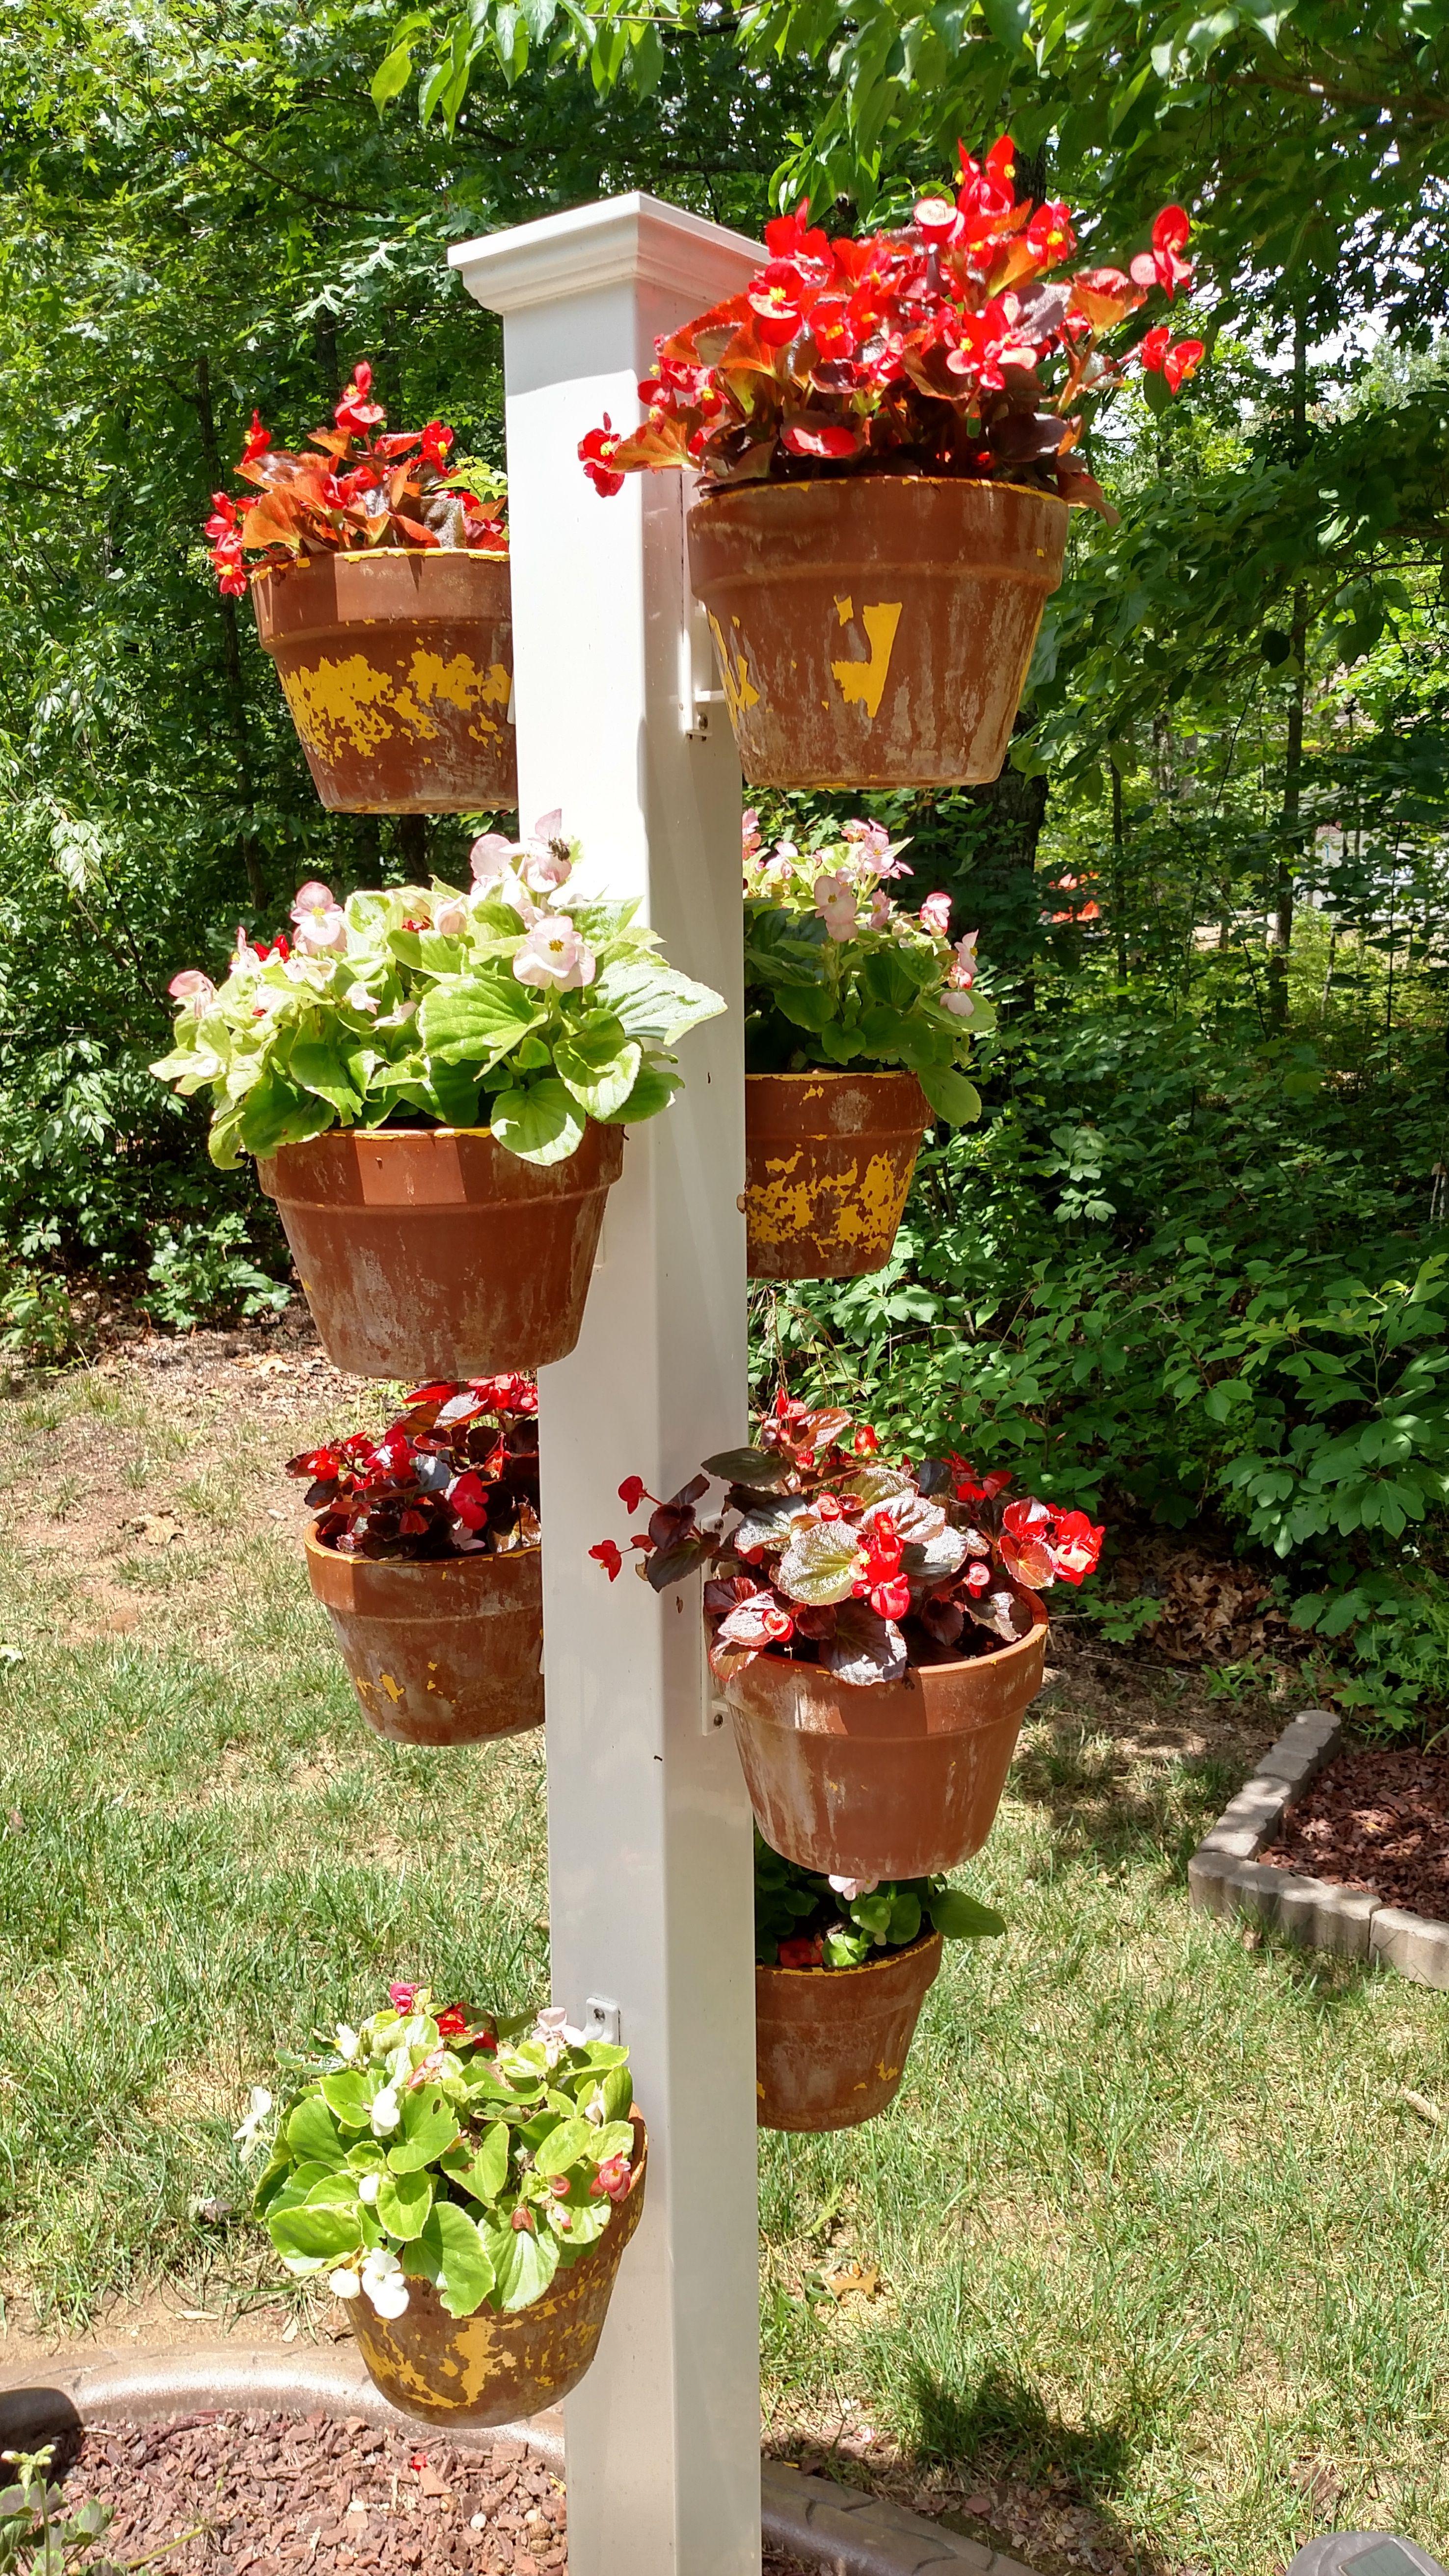 Vertical Pole Garden Made Easy With Hangapot Hangapot Hangers Securely Hang Clay Pot 4 10 On Any Su Backyard Herb Garden Container Garden Design Garden Poles